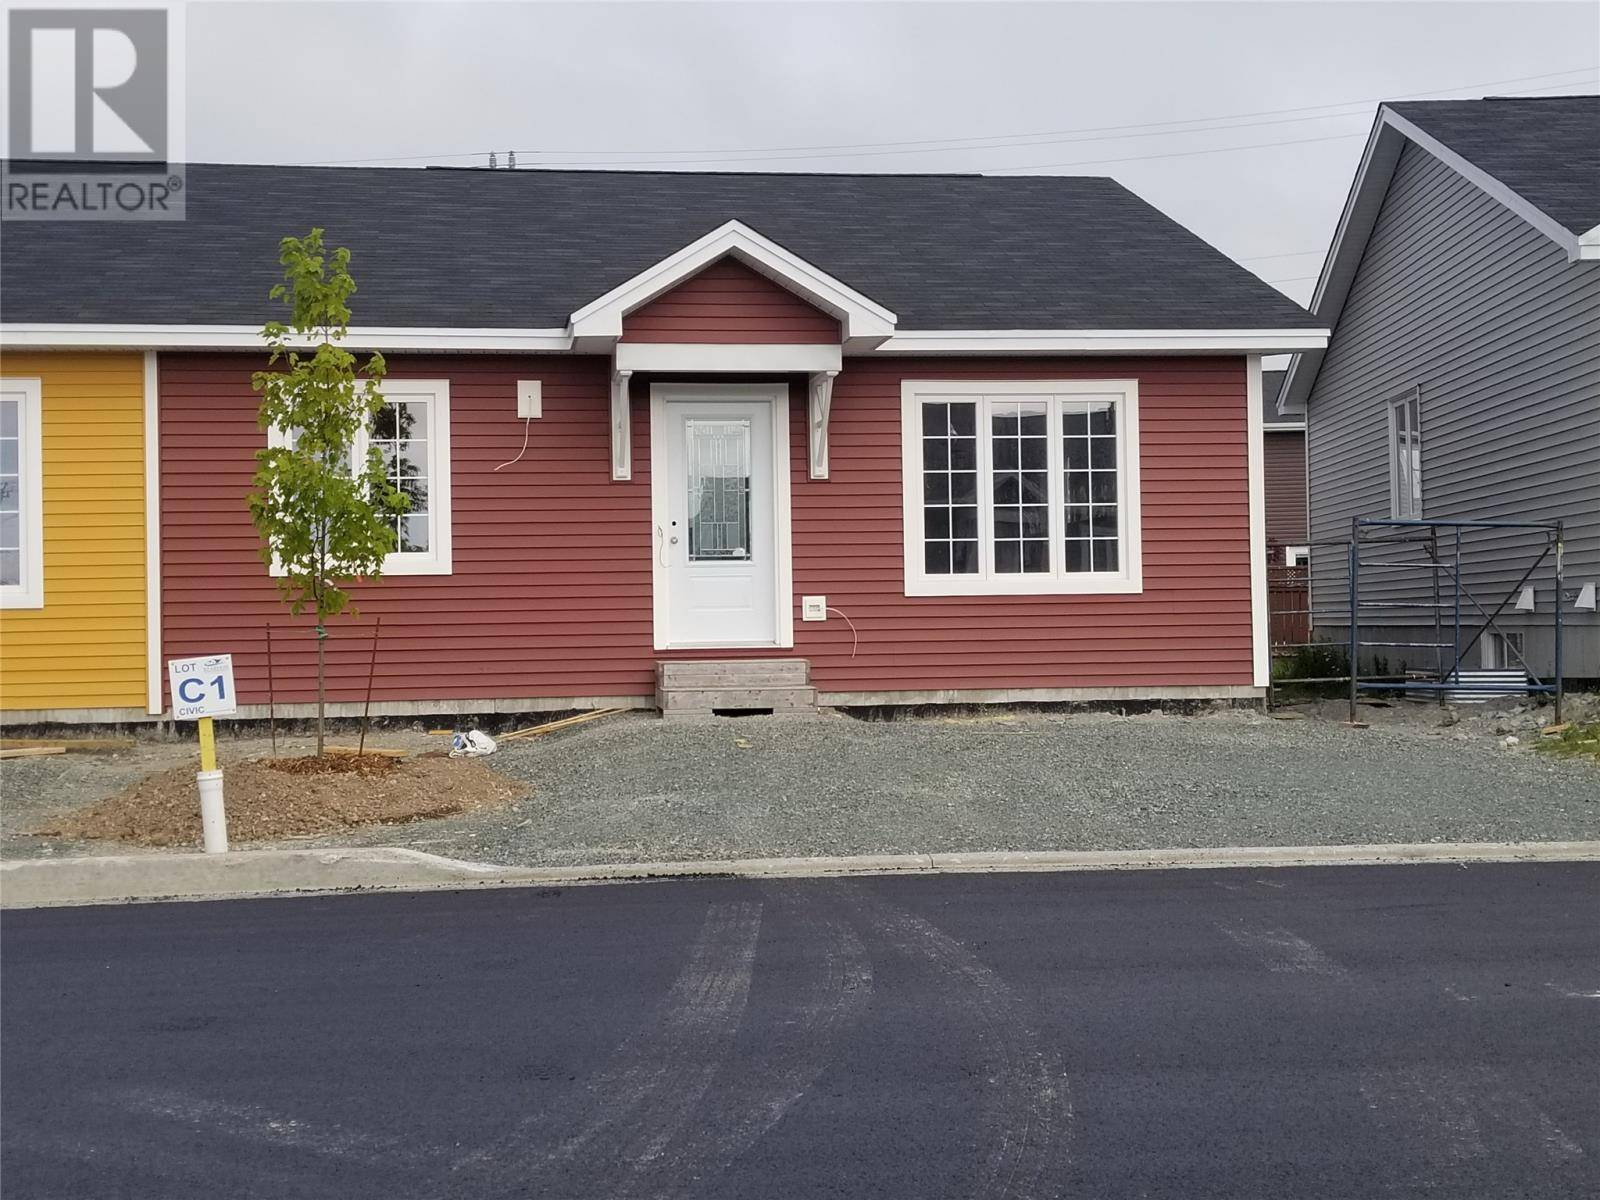 House for sale at 20 Triton Pl Unit Unit#C1 St. John's Newfoundland - MLS: 1193391